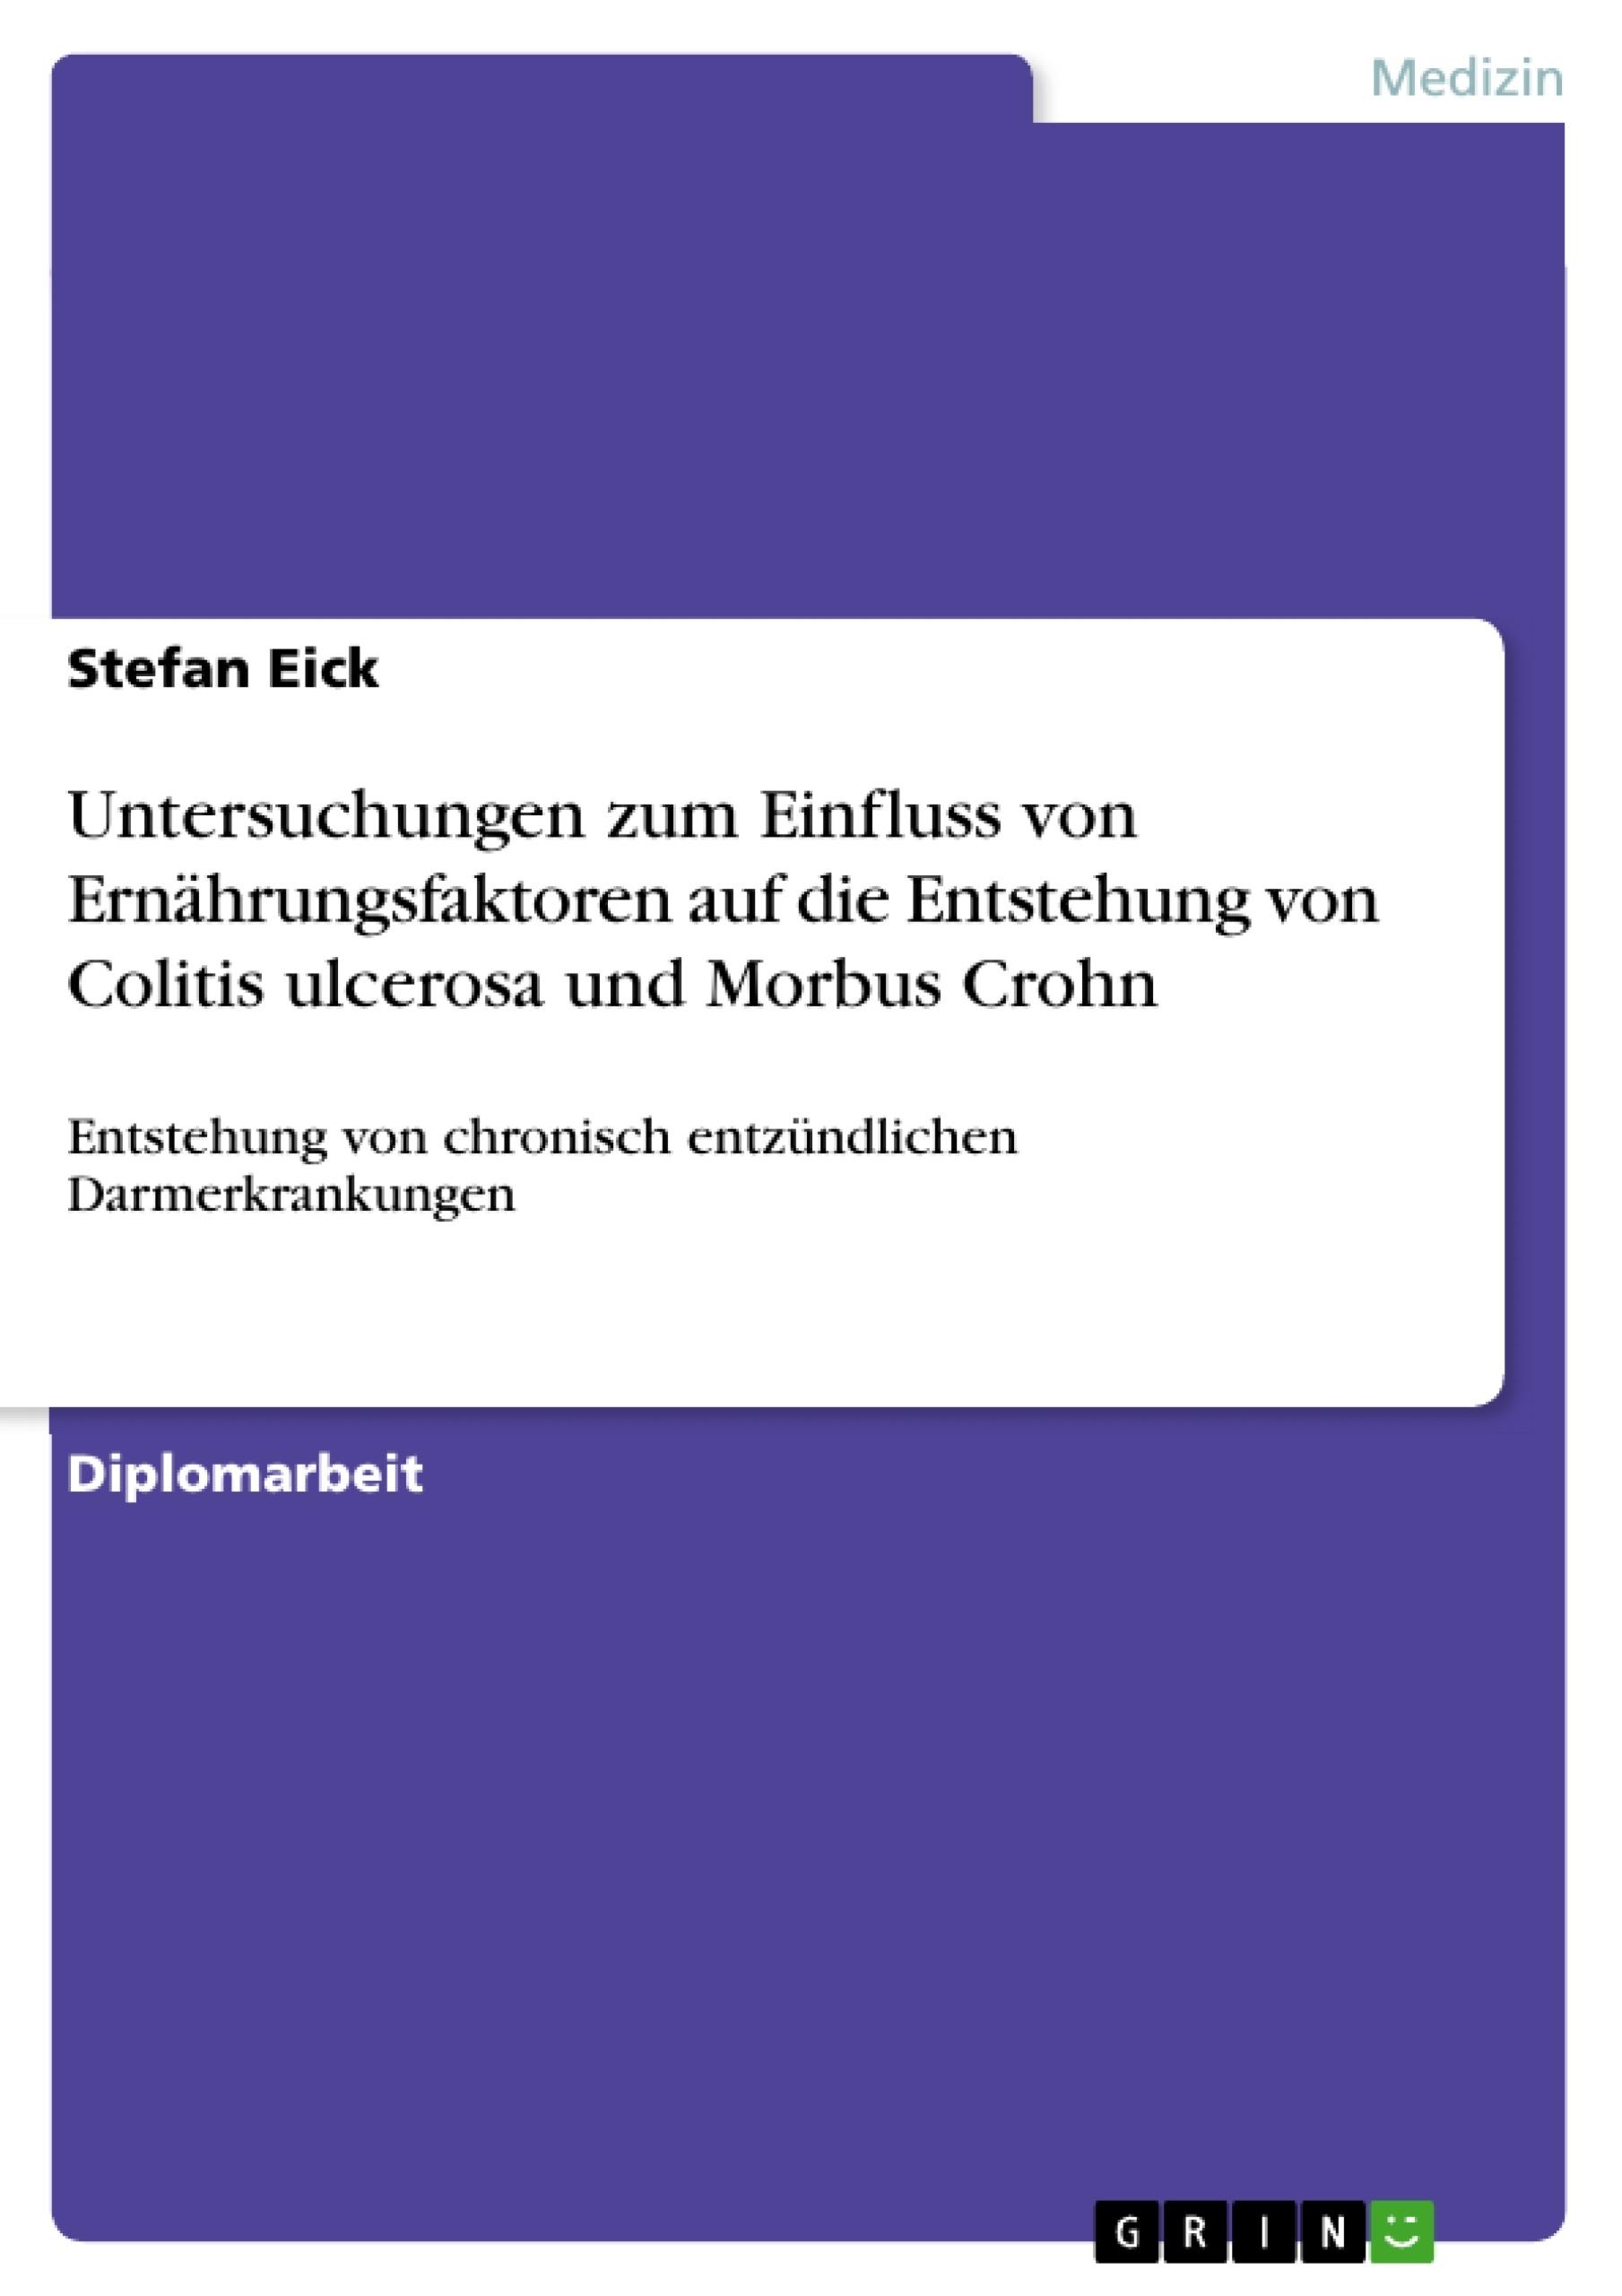 Titel: Untersuchungen zum Einfluss von Ernährungsfaktoren auf die Entstehung von Colitis ulcerosa und Morbus Crohn